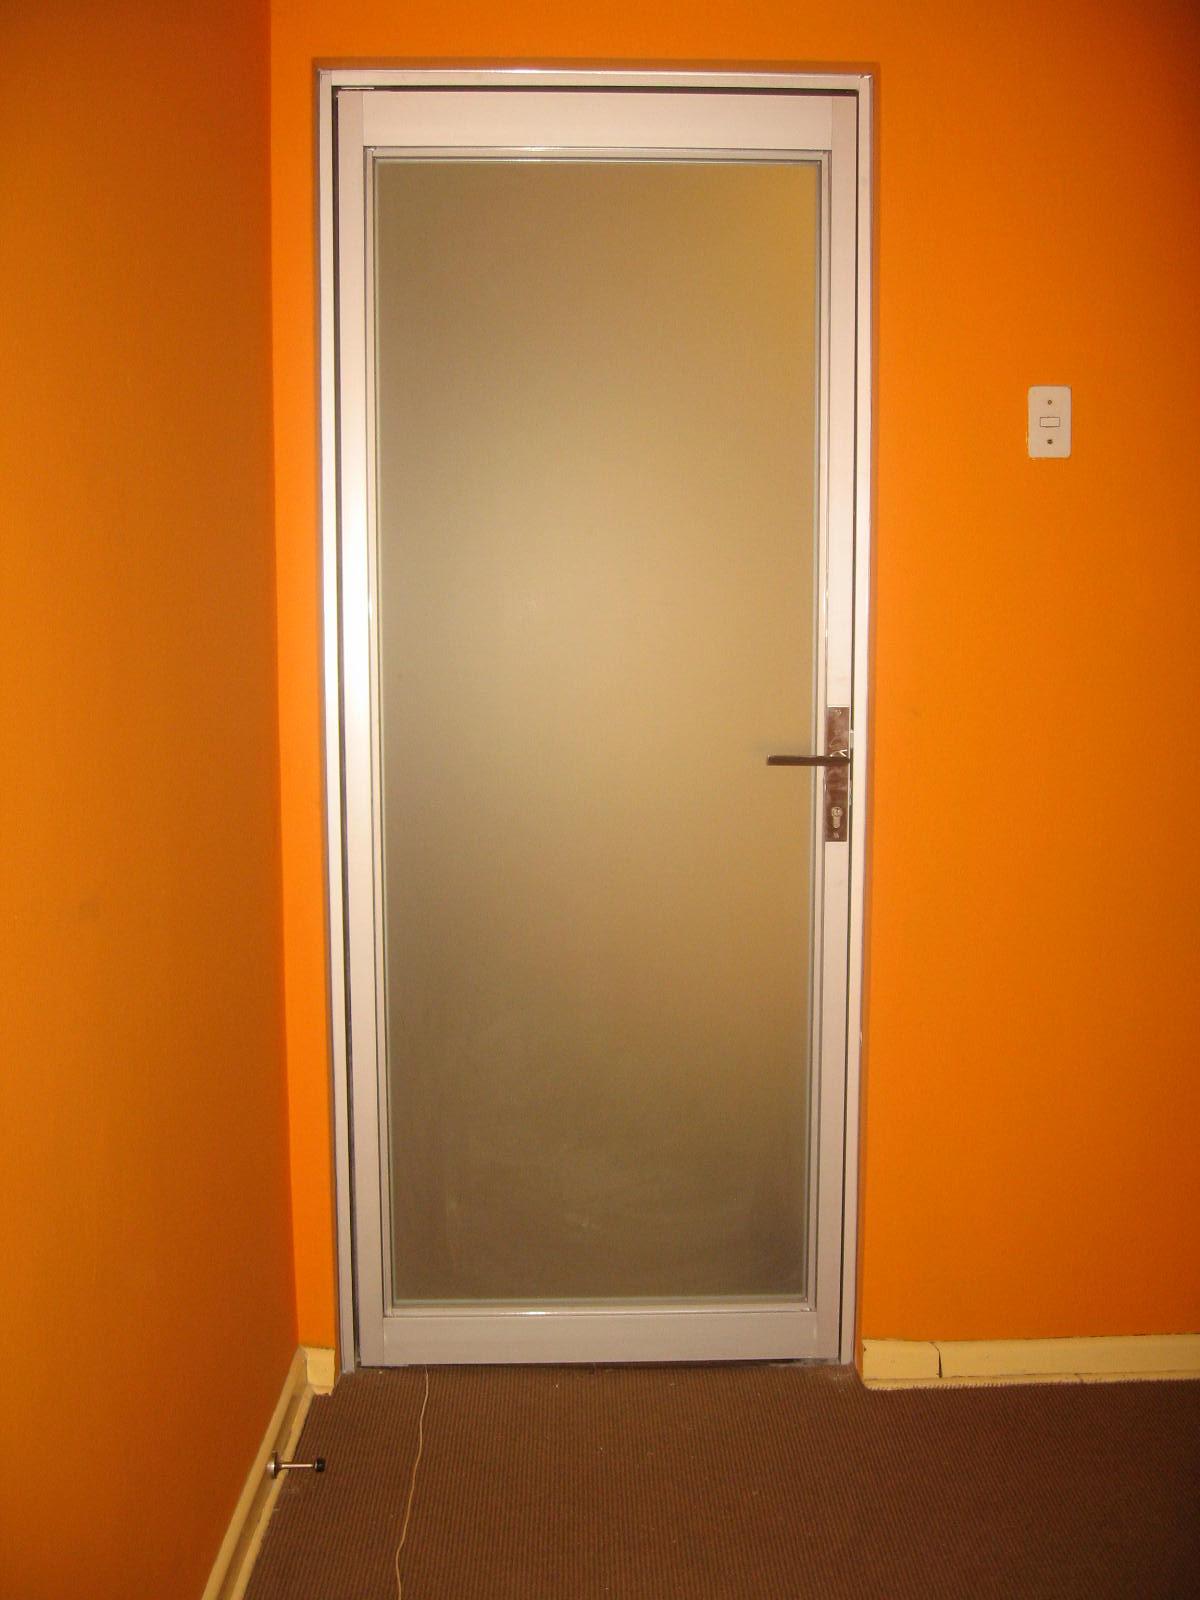 Puertas de aluminio y vidrio imagui - Puertas de vidrio para interiores ...